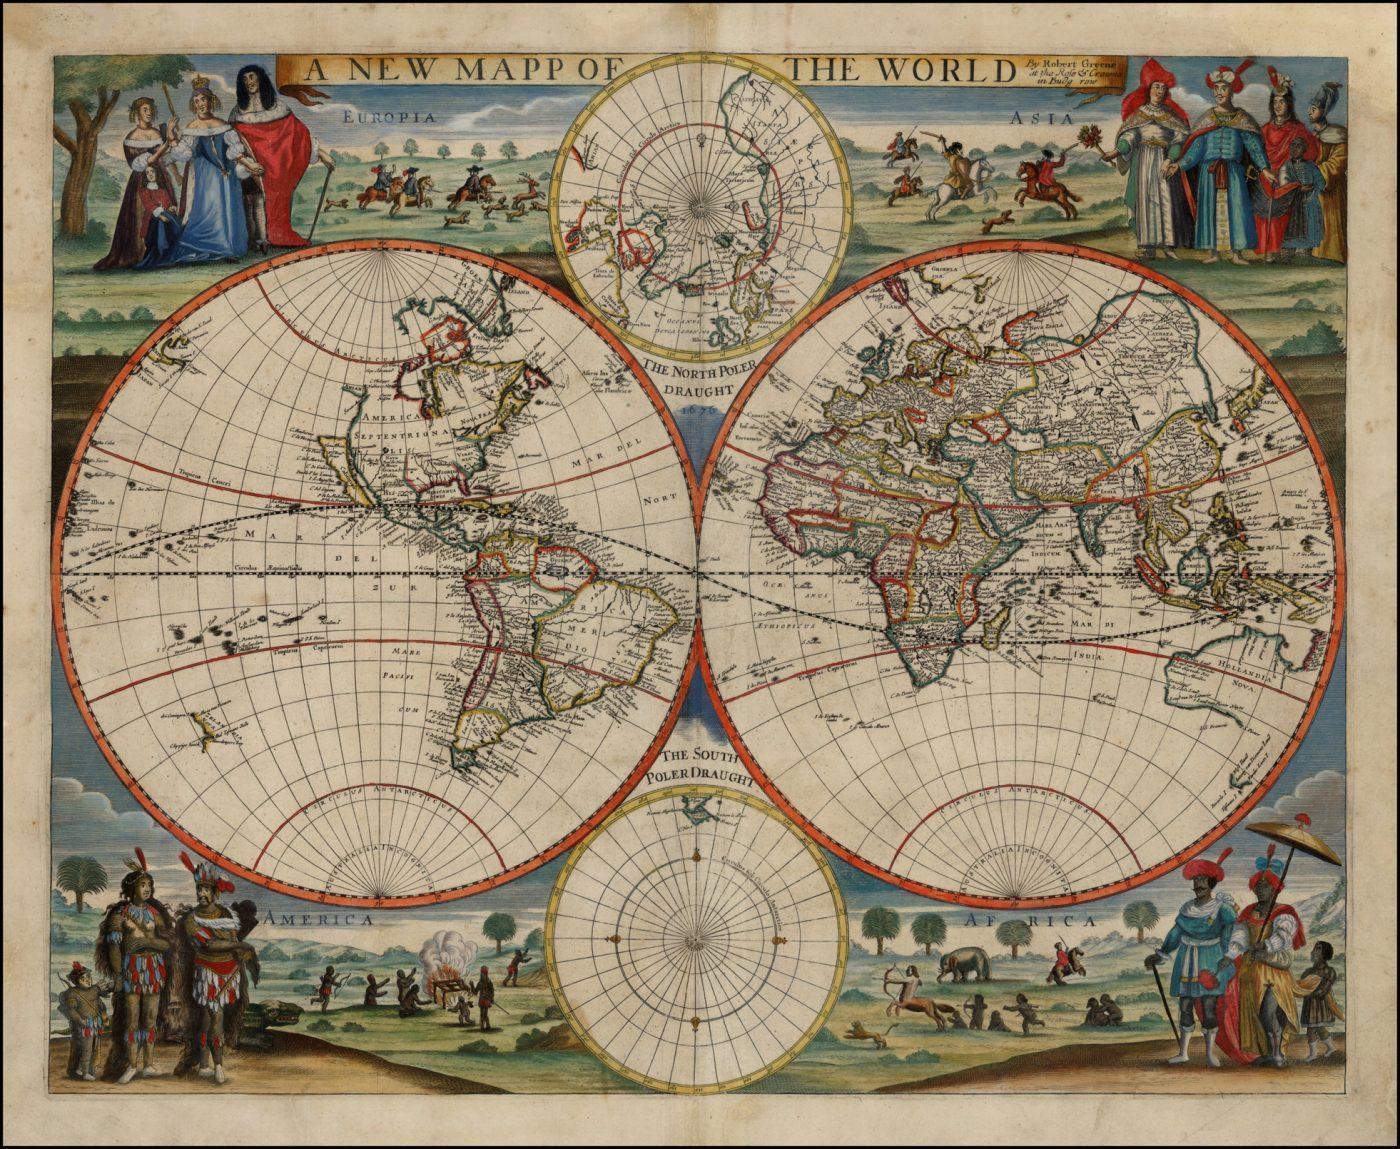 Редкая английская двухполушарная карта мира, опубликованная в Лондоне Робертом Грином